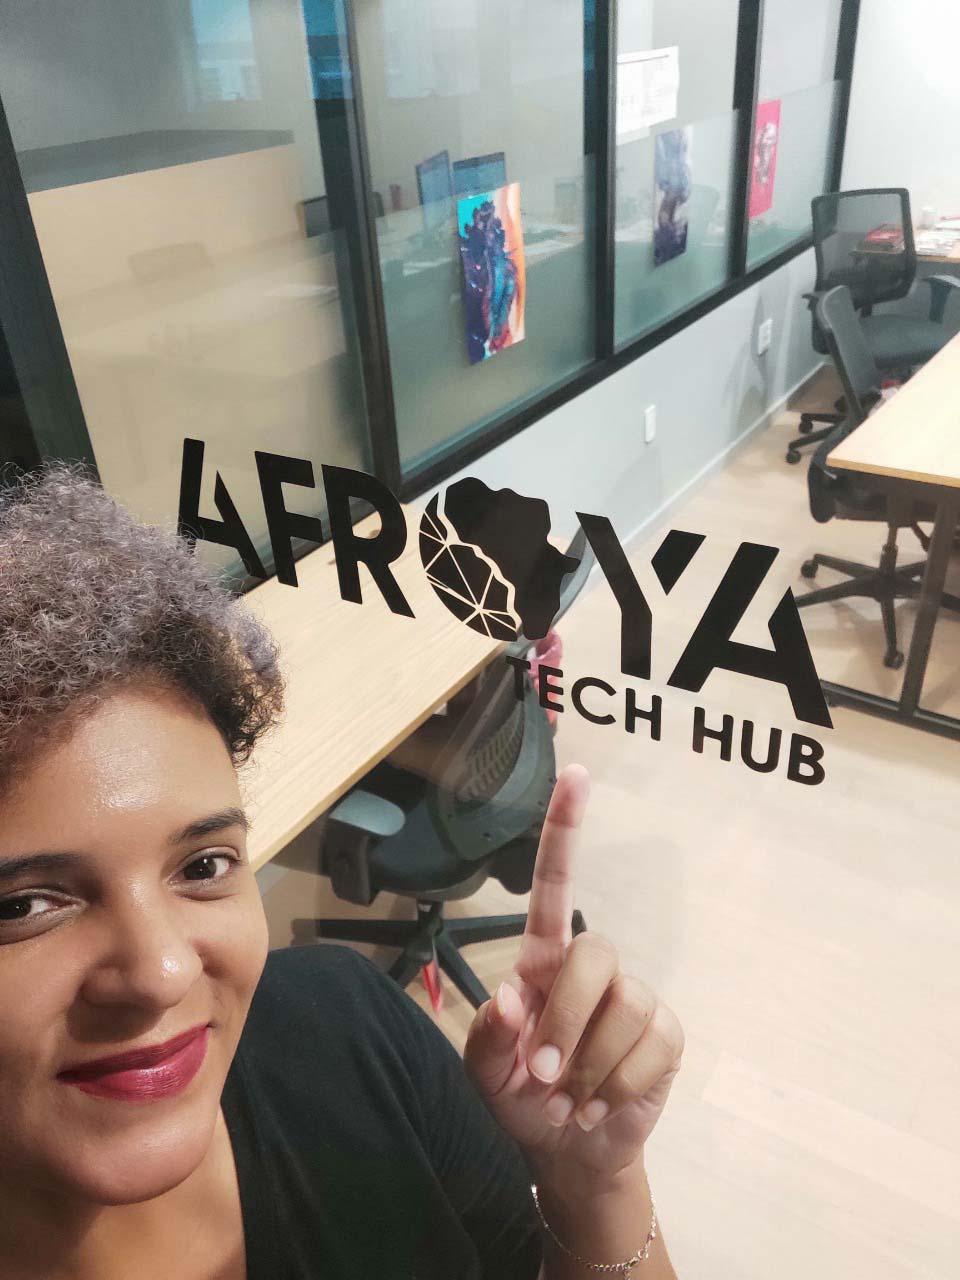 mulher apontando dedo adesivo afroya tech hub porta escritório wework